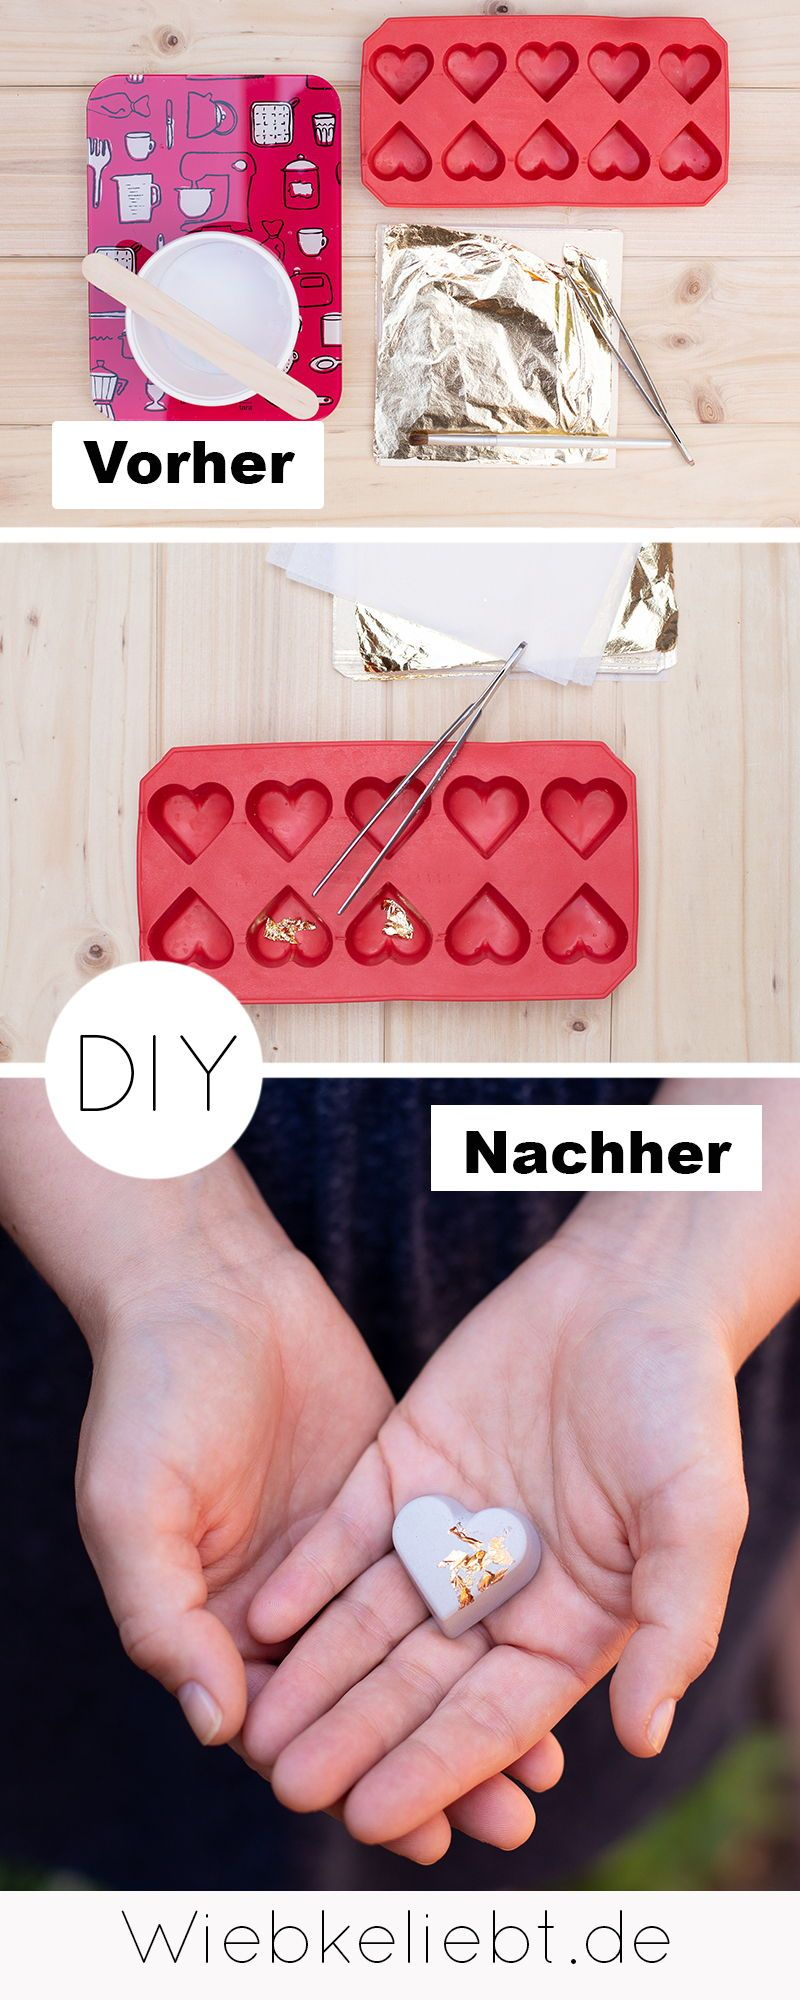 DIY Beton Herzen mit Blattgold - Tischdeko zur Hochzeit | DIY Blog | Do-it-yourself Anleitungen zum